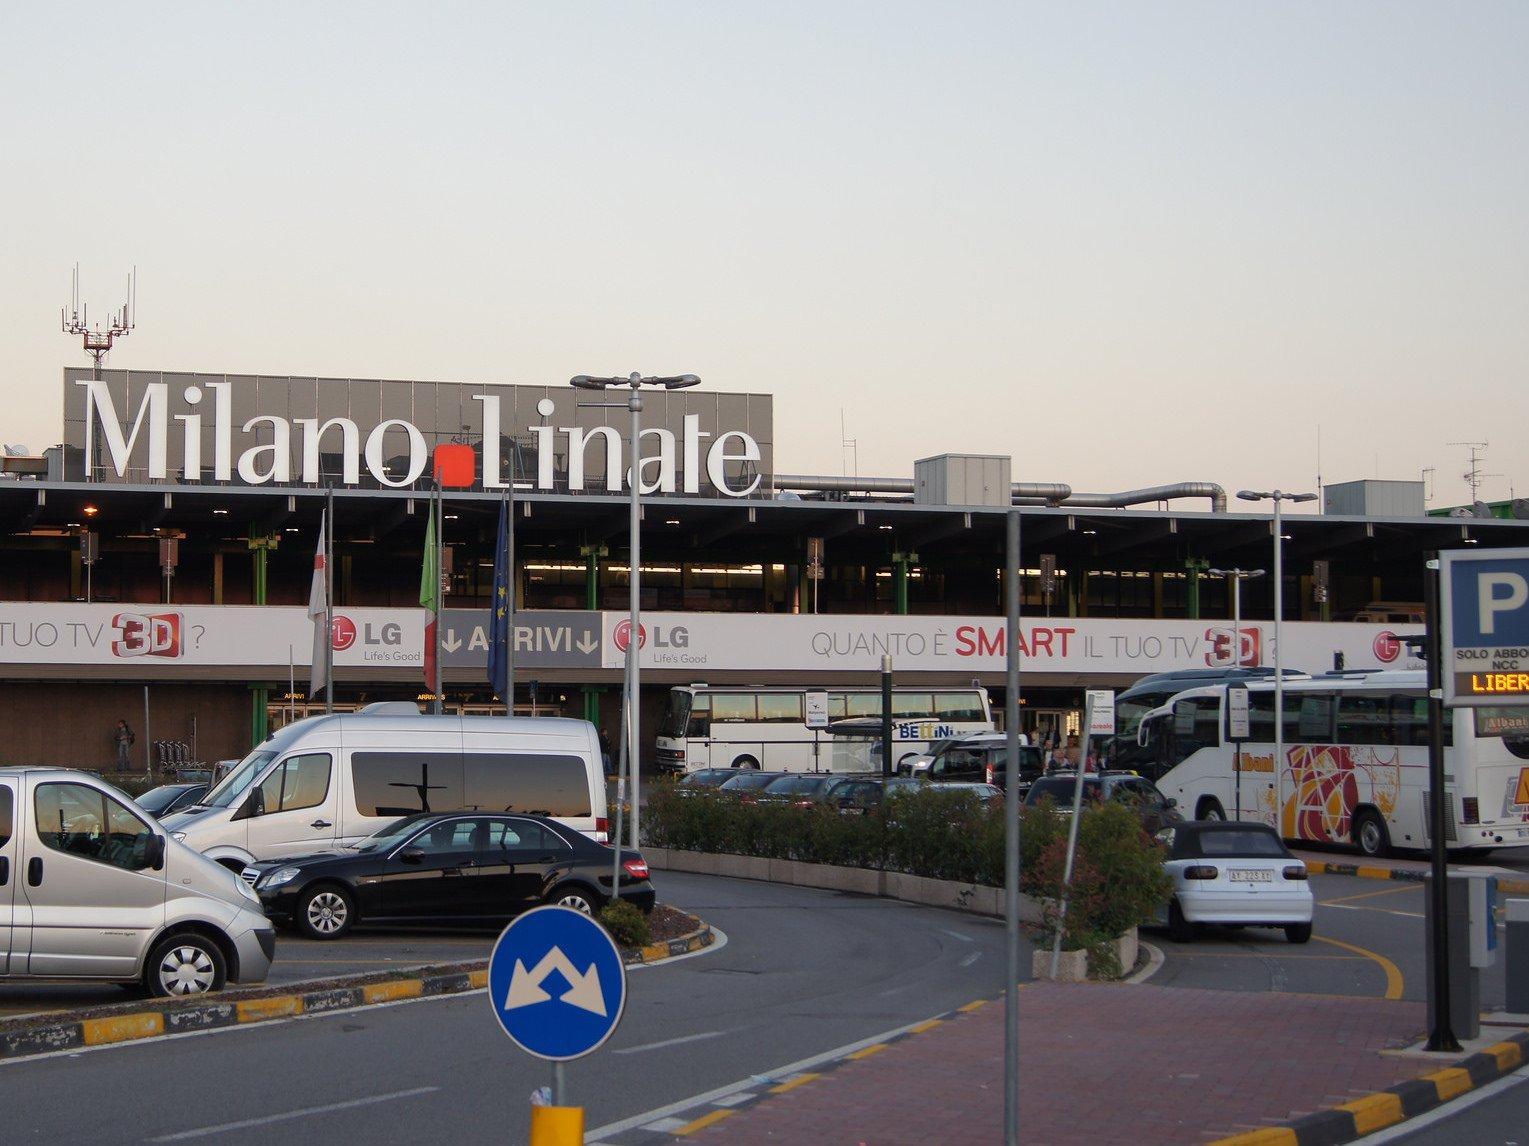 Parcheggio Milano Linate